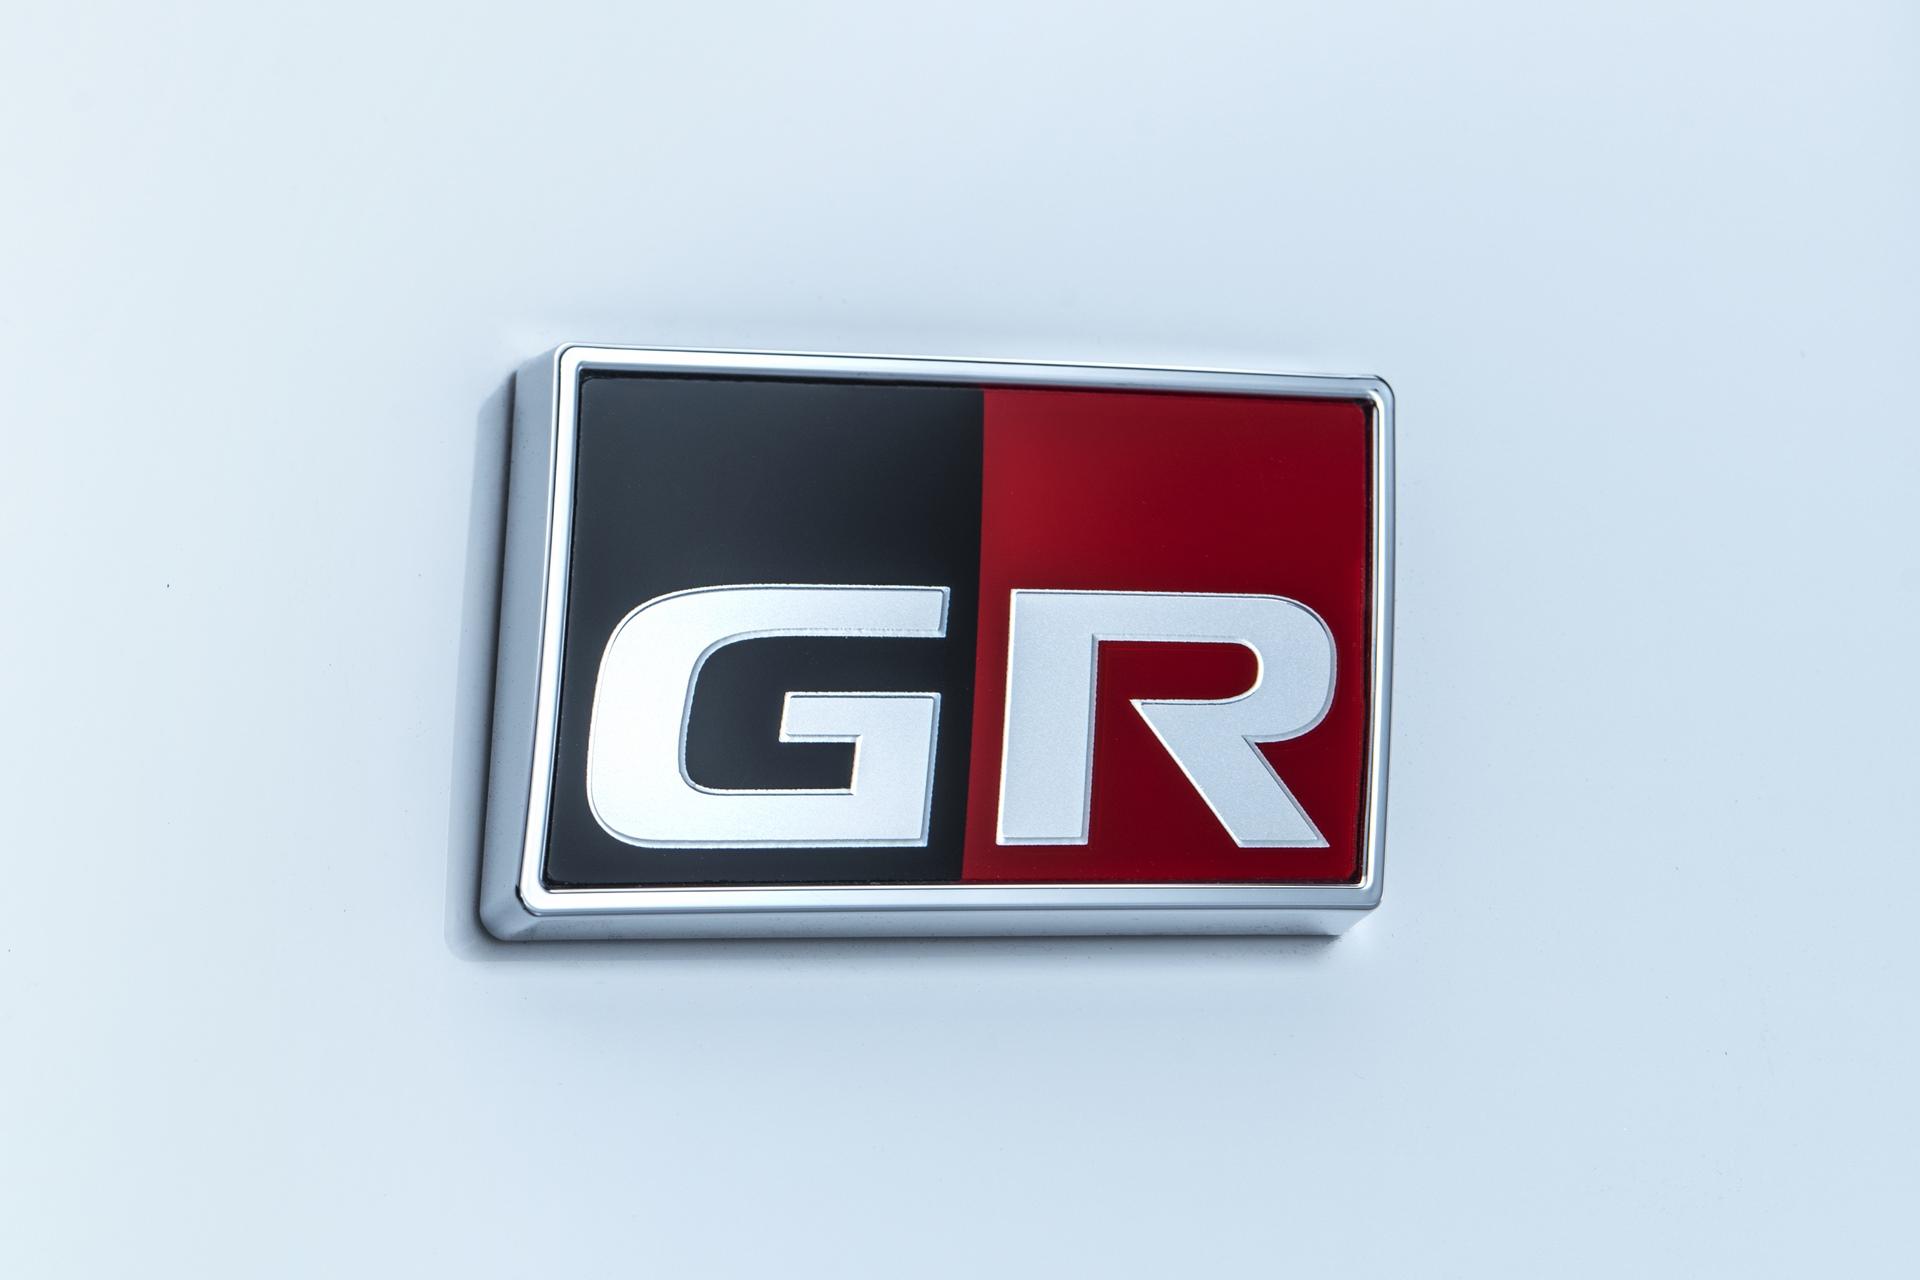 Toyota Corolla Sport Grmn (1)